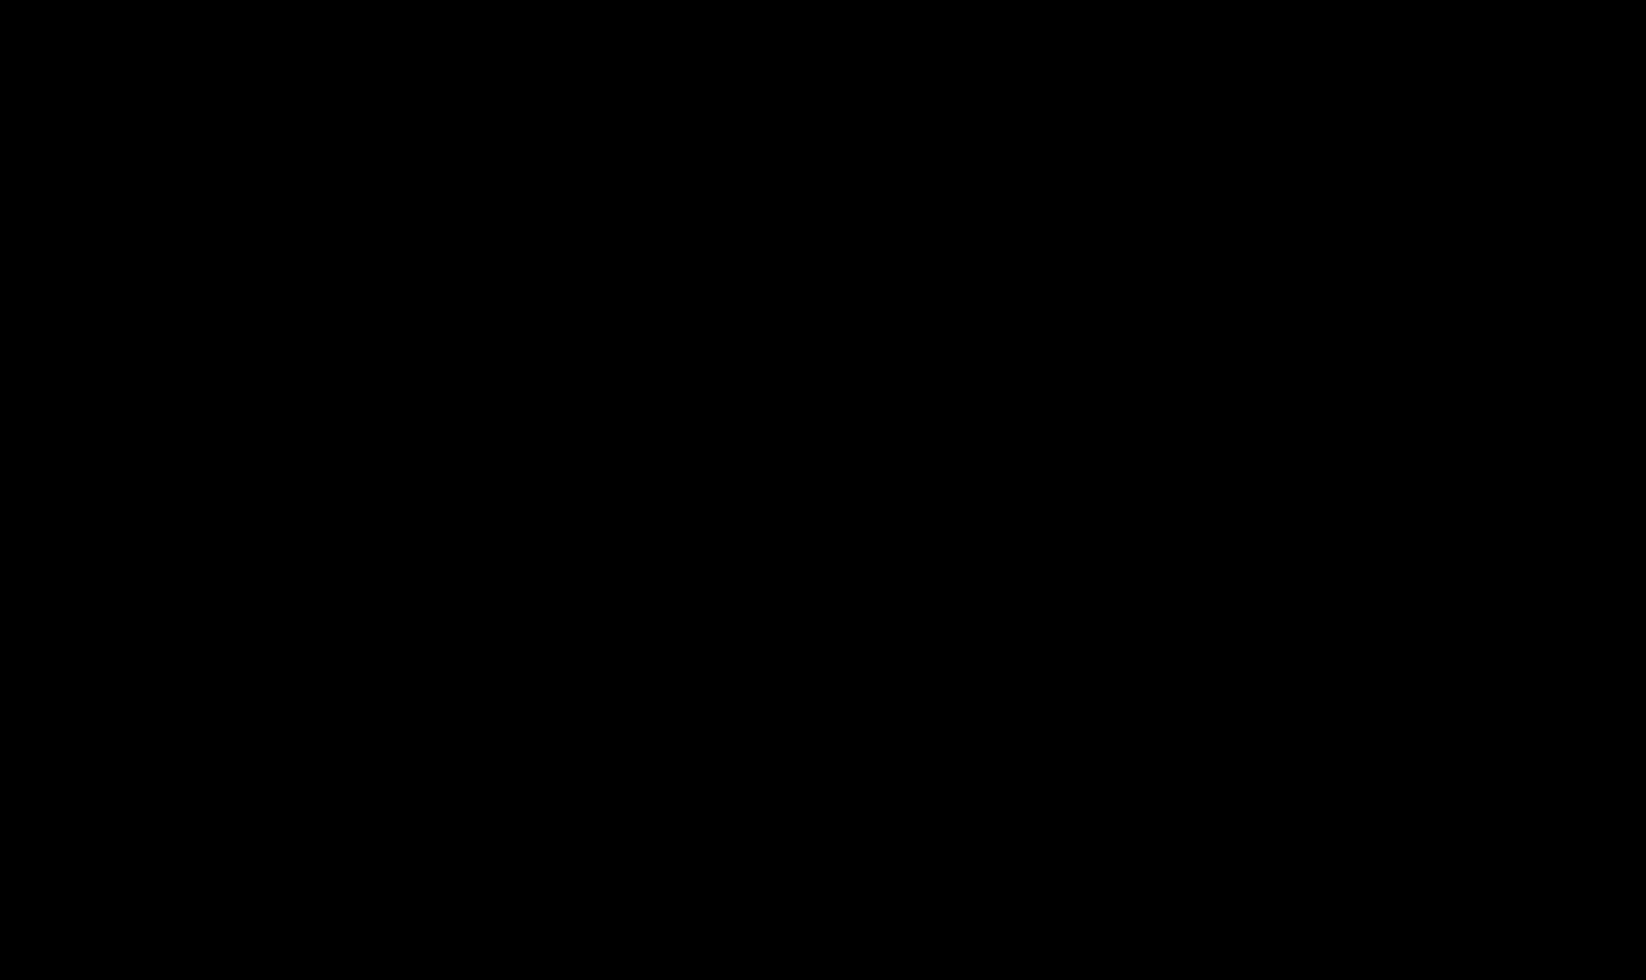 MAL-dPEG®₄-(m-dPEG®₂₄)₃